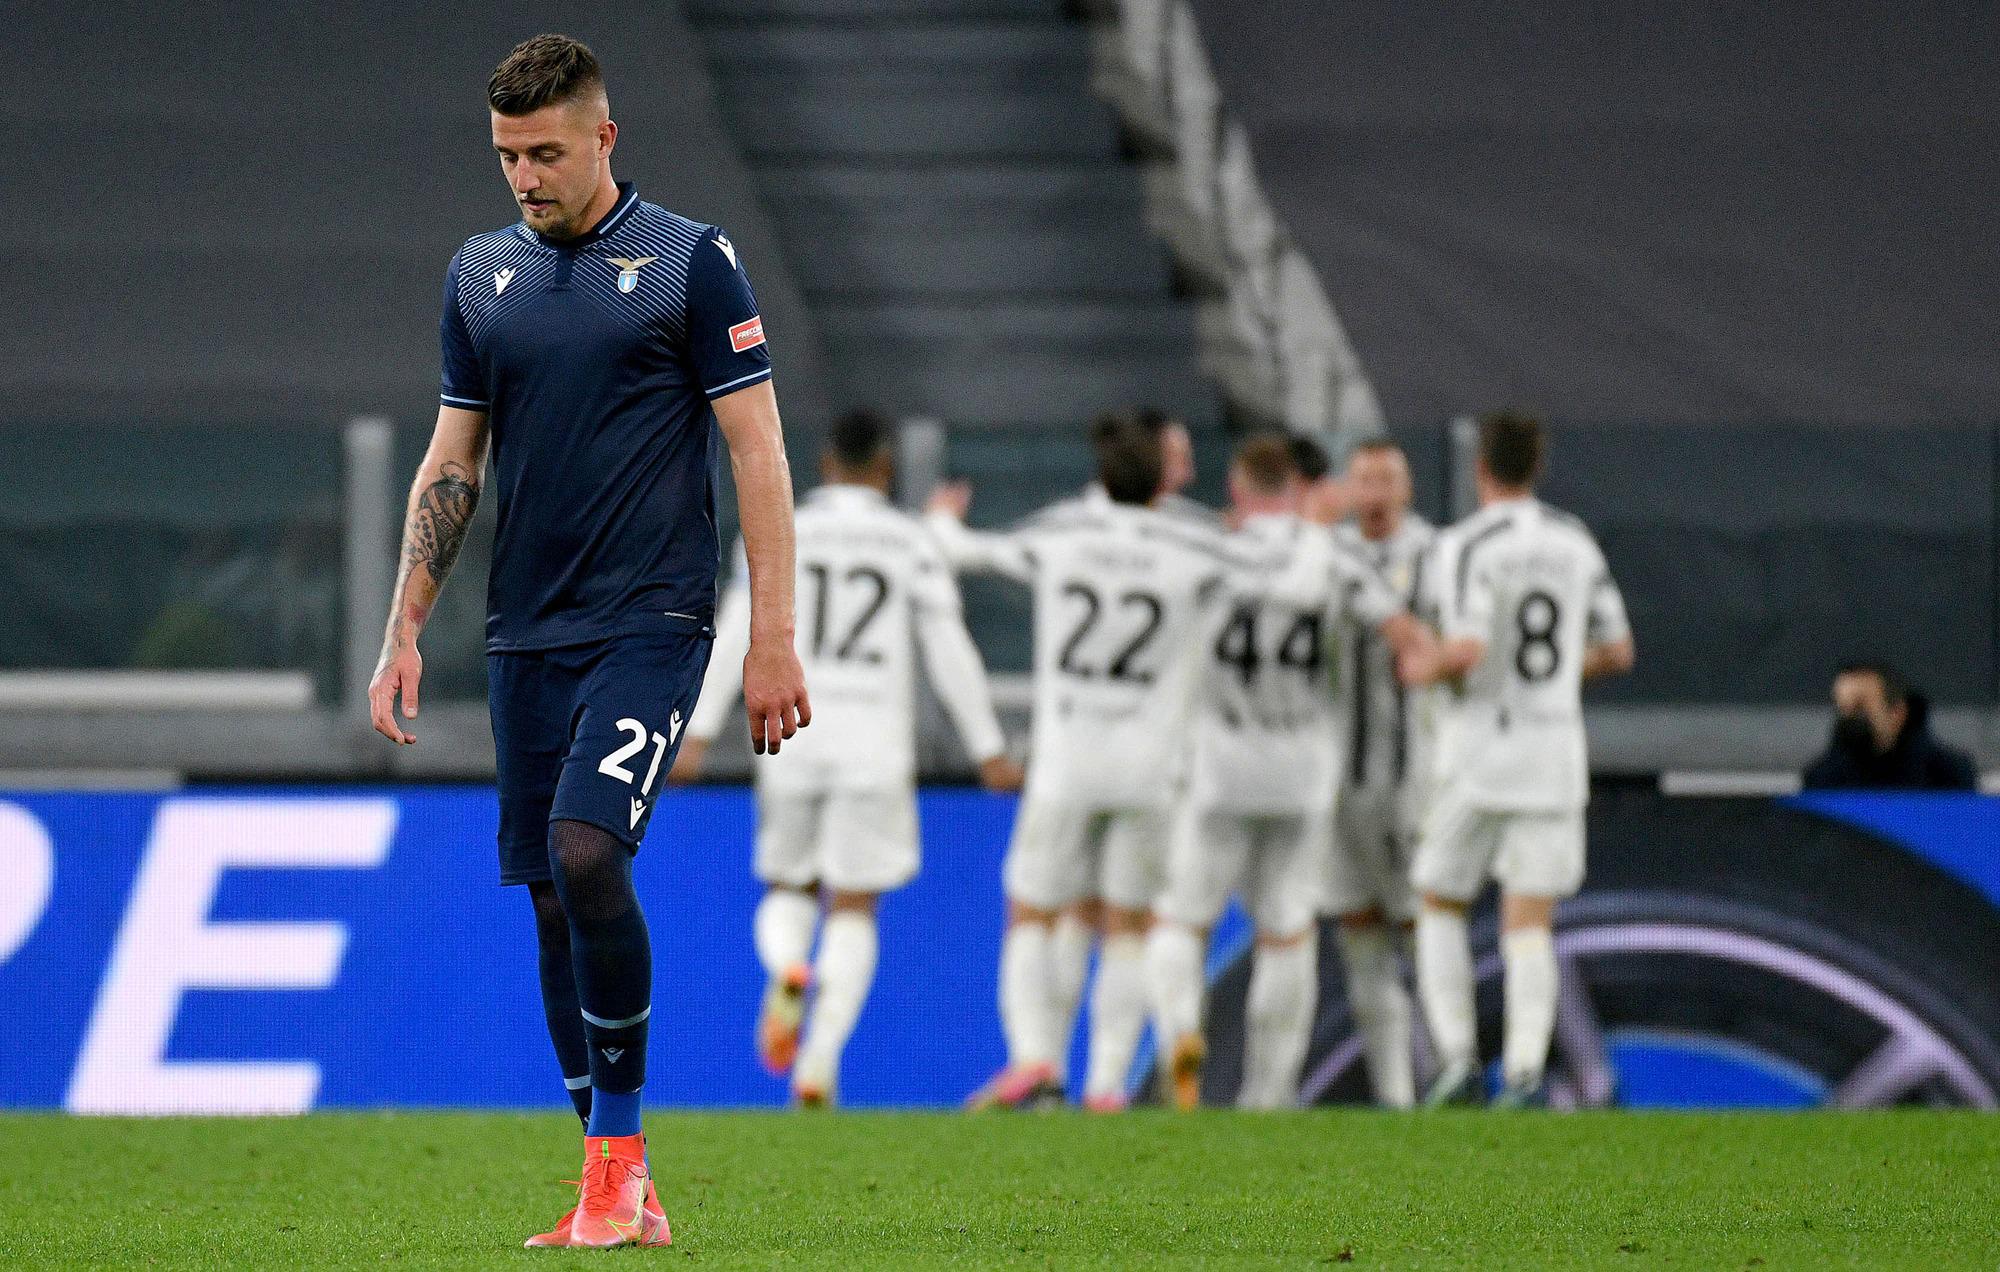 Lazio khởi đầu suôn sẻ, nhưng lại không tận dụng được lợi thế để tìm kết quả tốt tại Juventus Arena. Ảnh: Fotonotizia